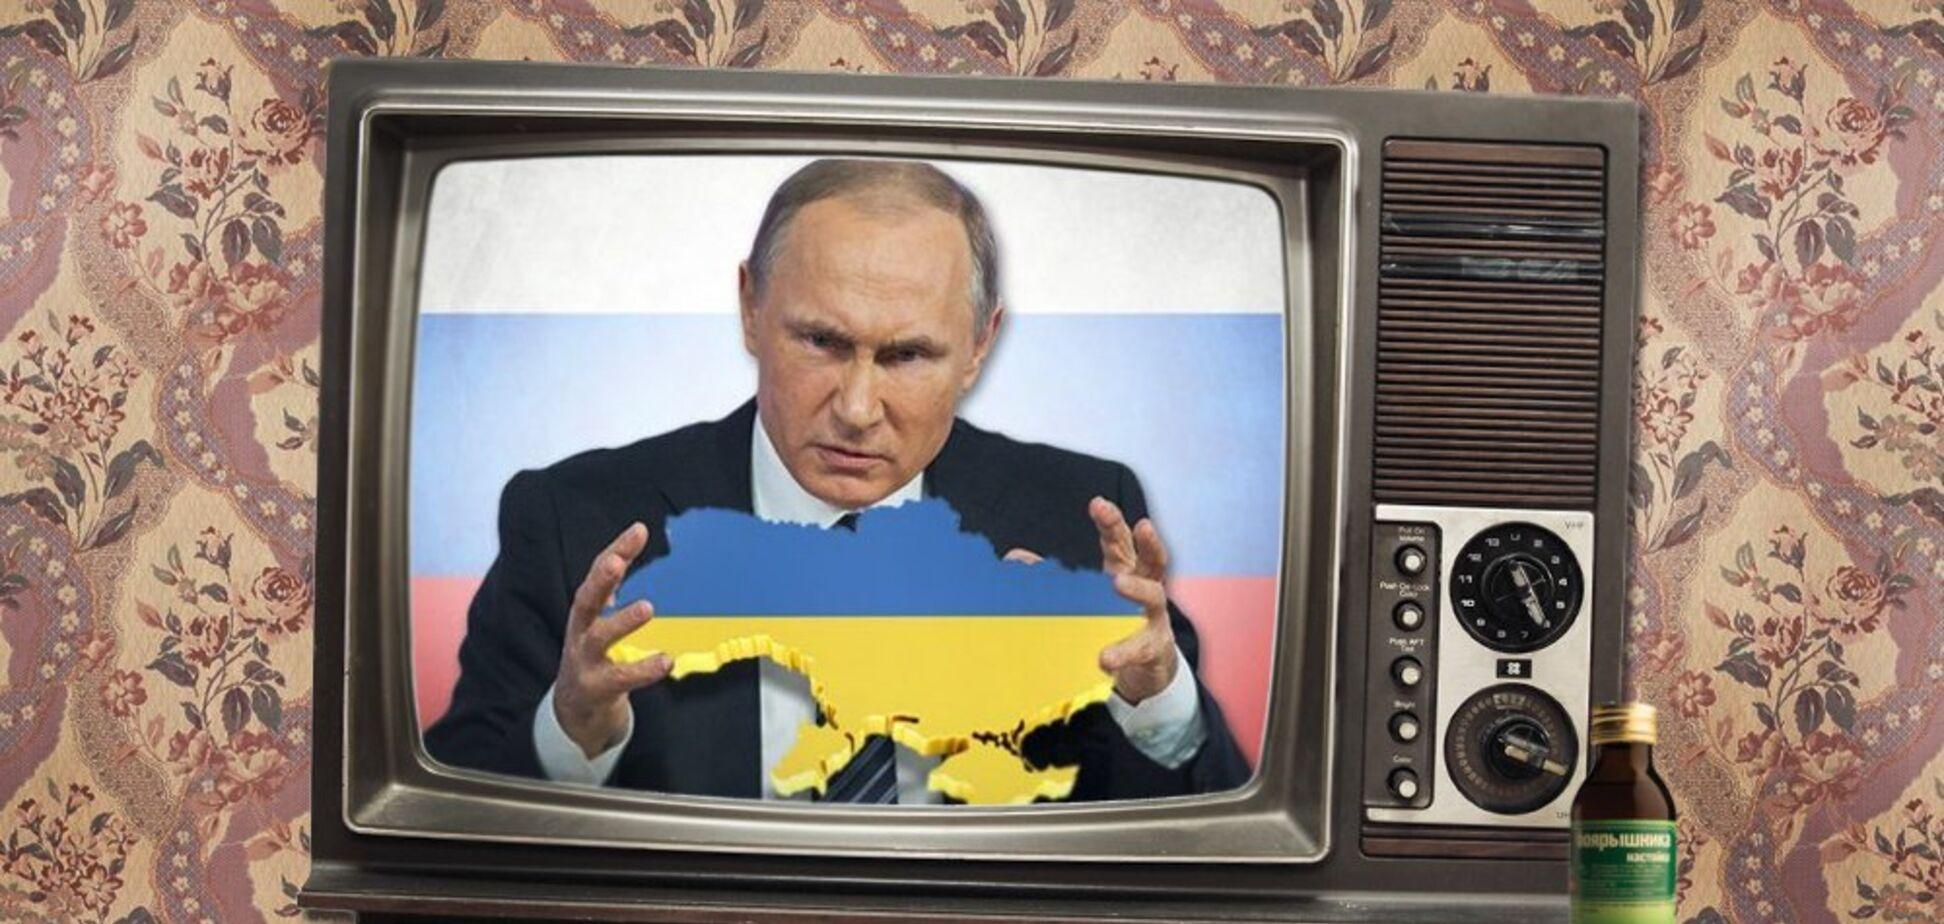 Поребрик News: в России устроили истерику из-за телемоста Украины и Грузии